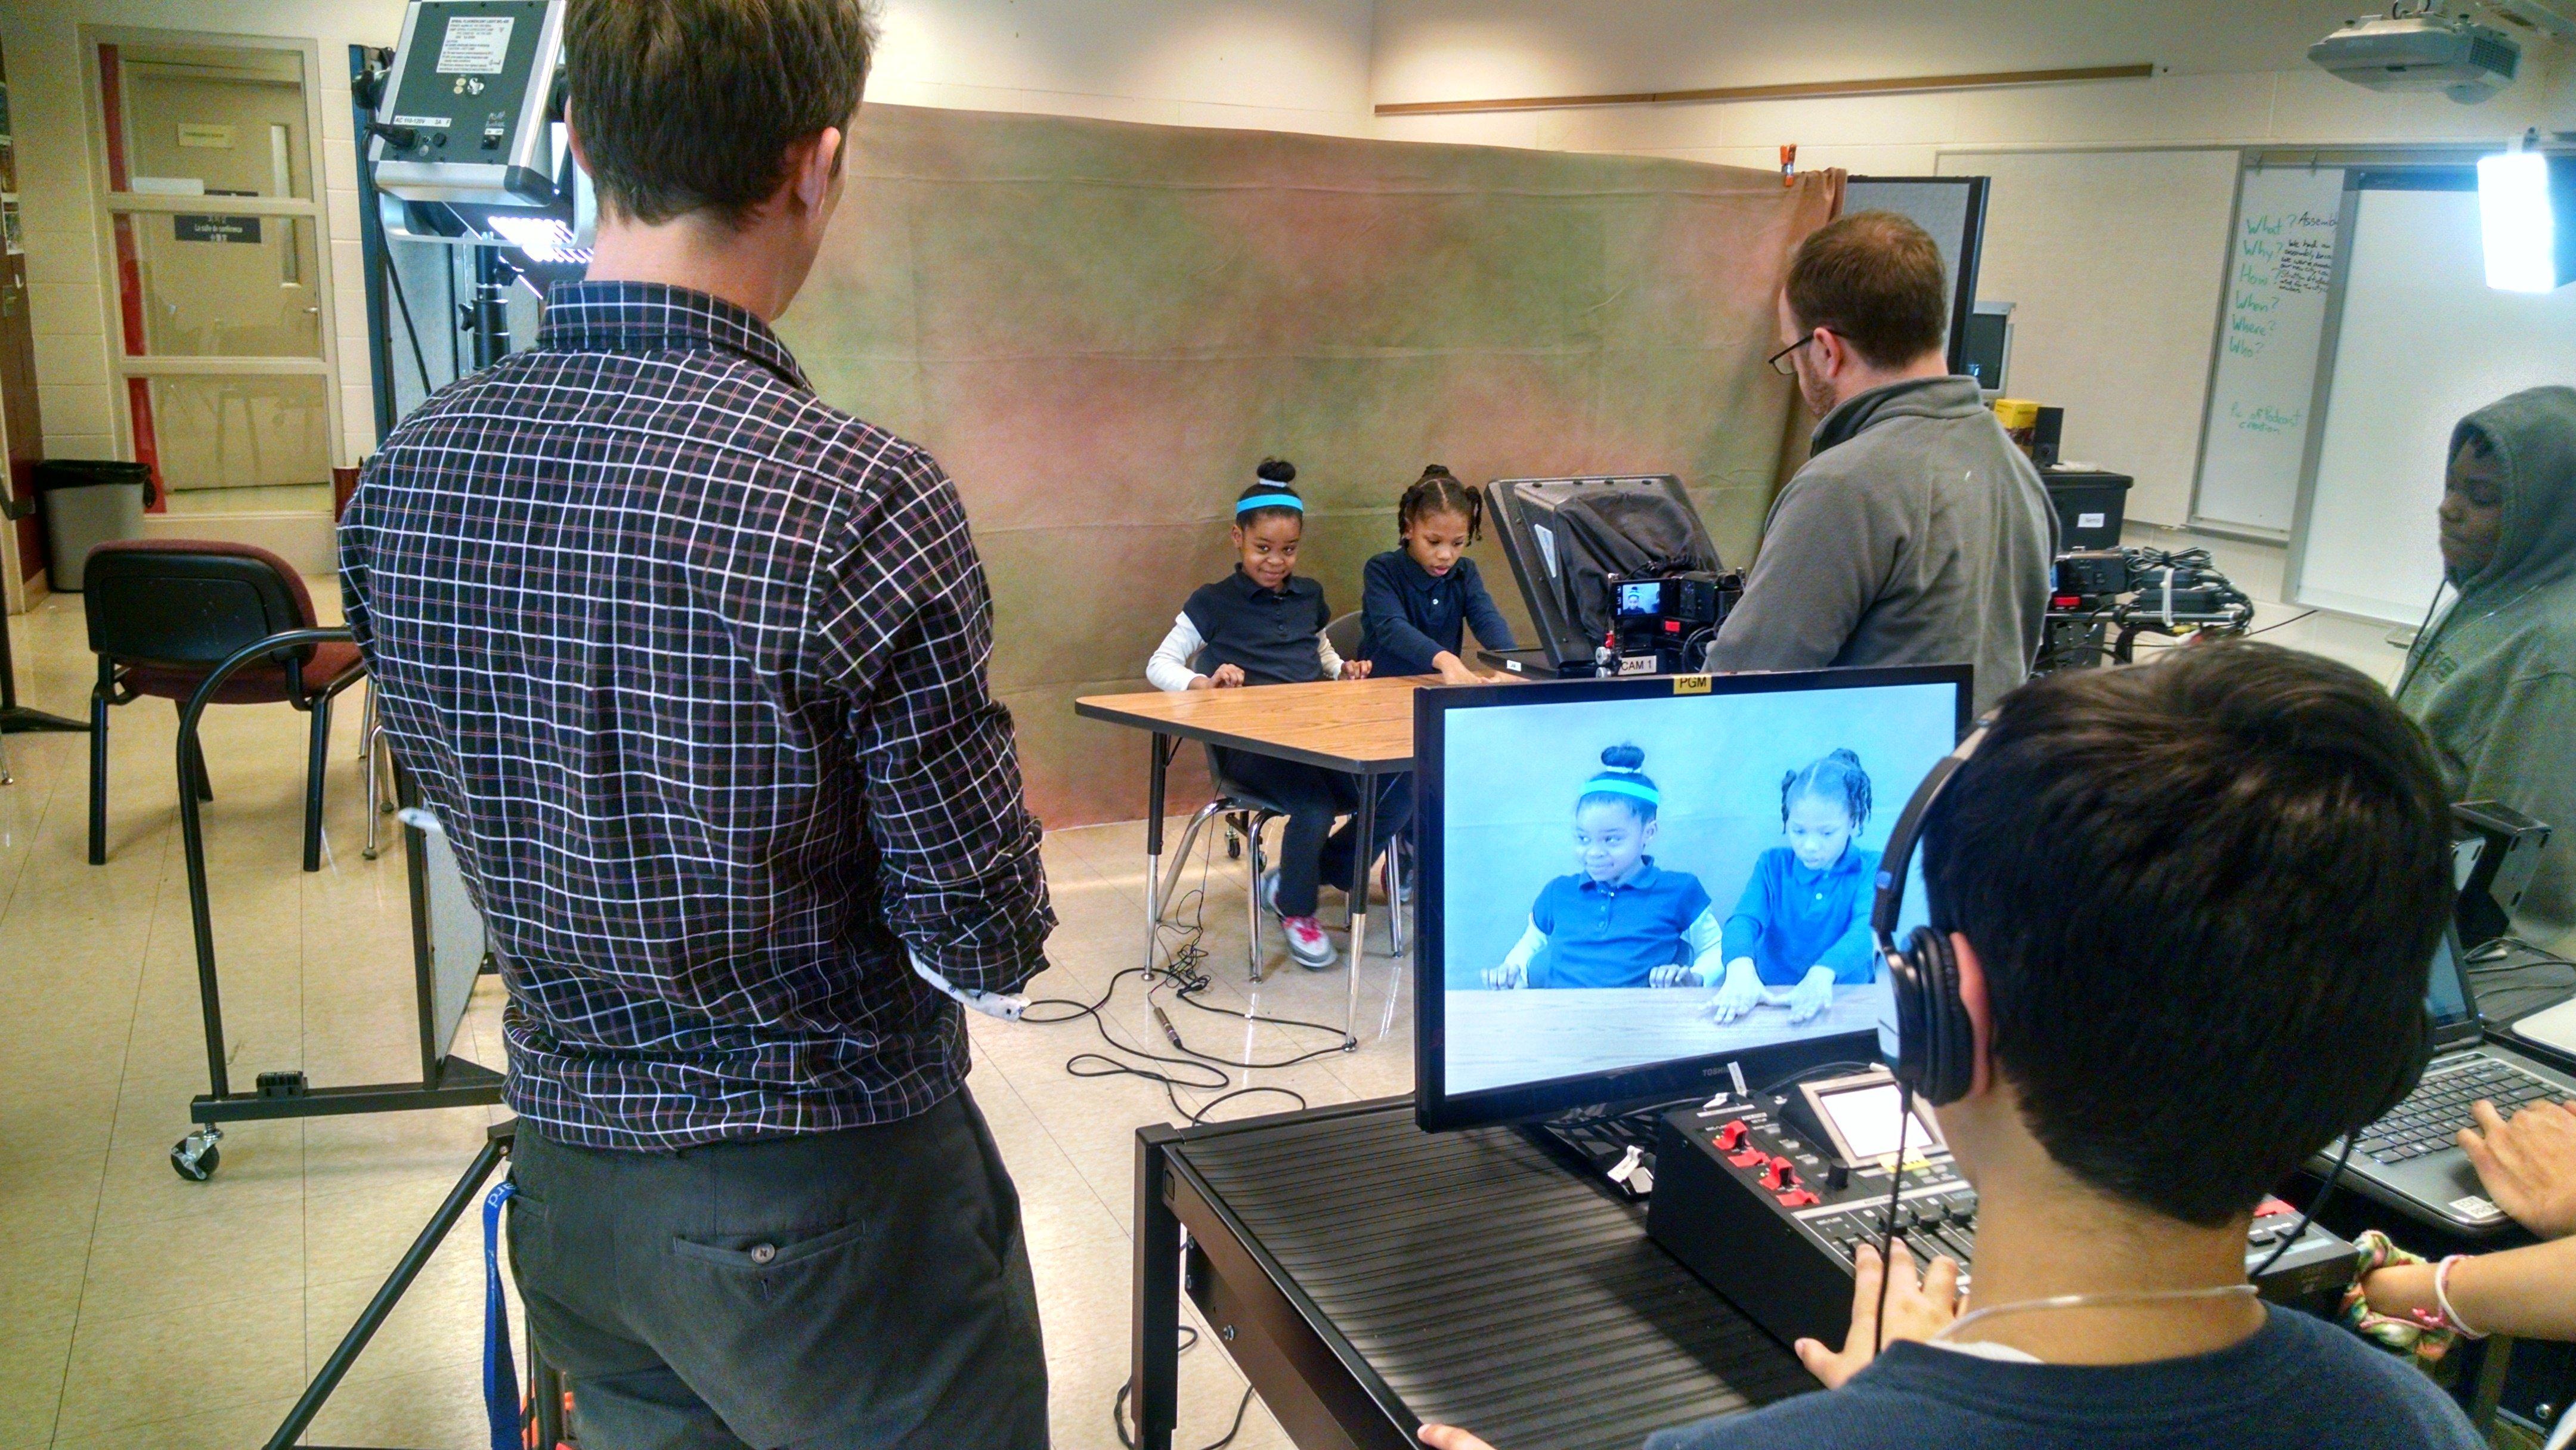 Student media center filming room